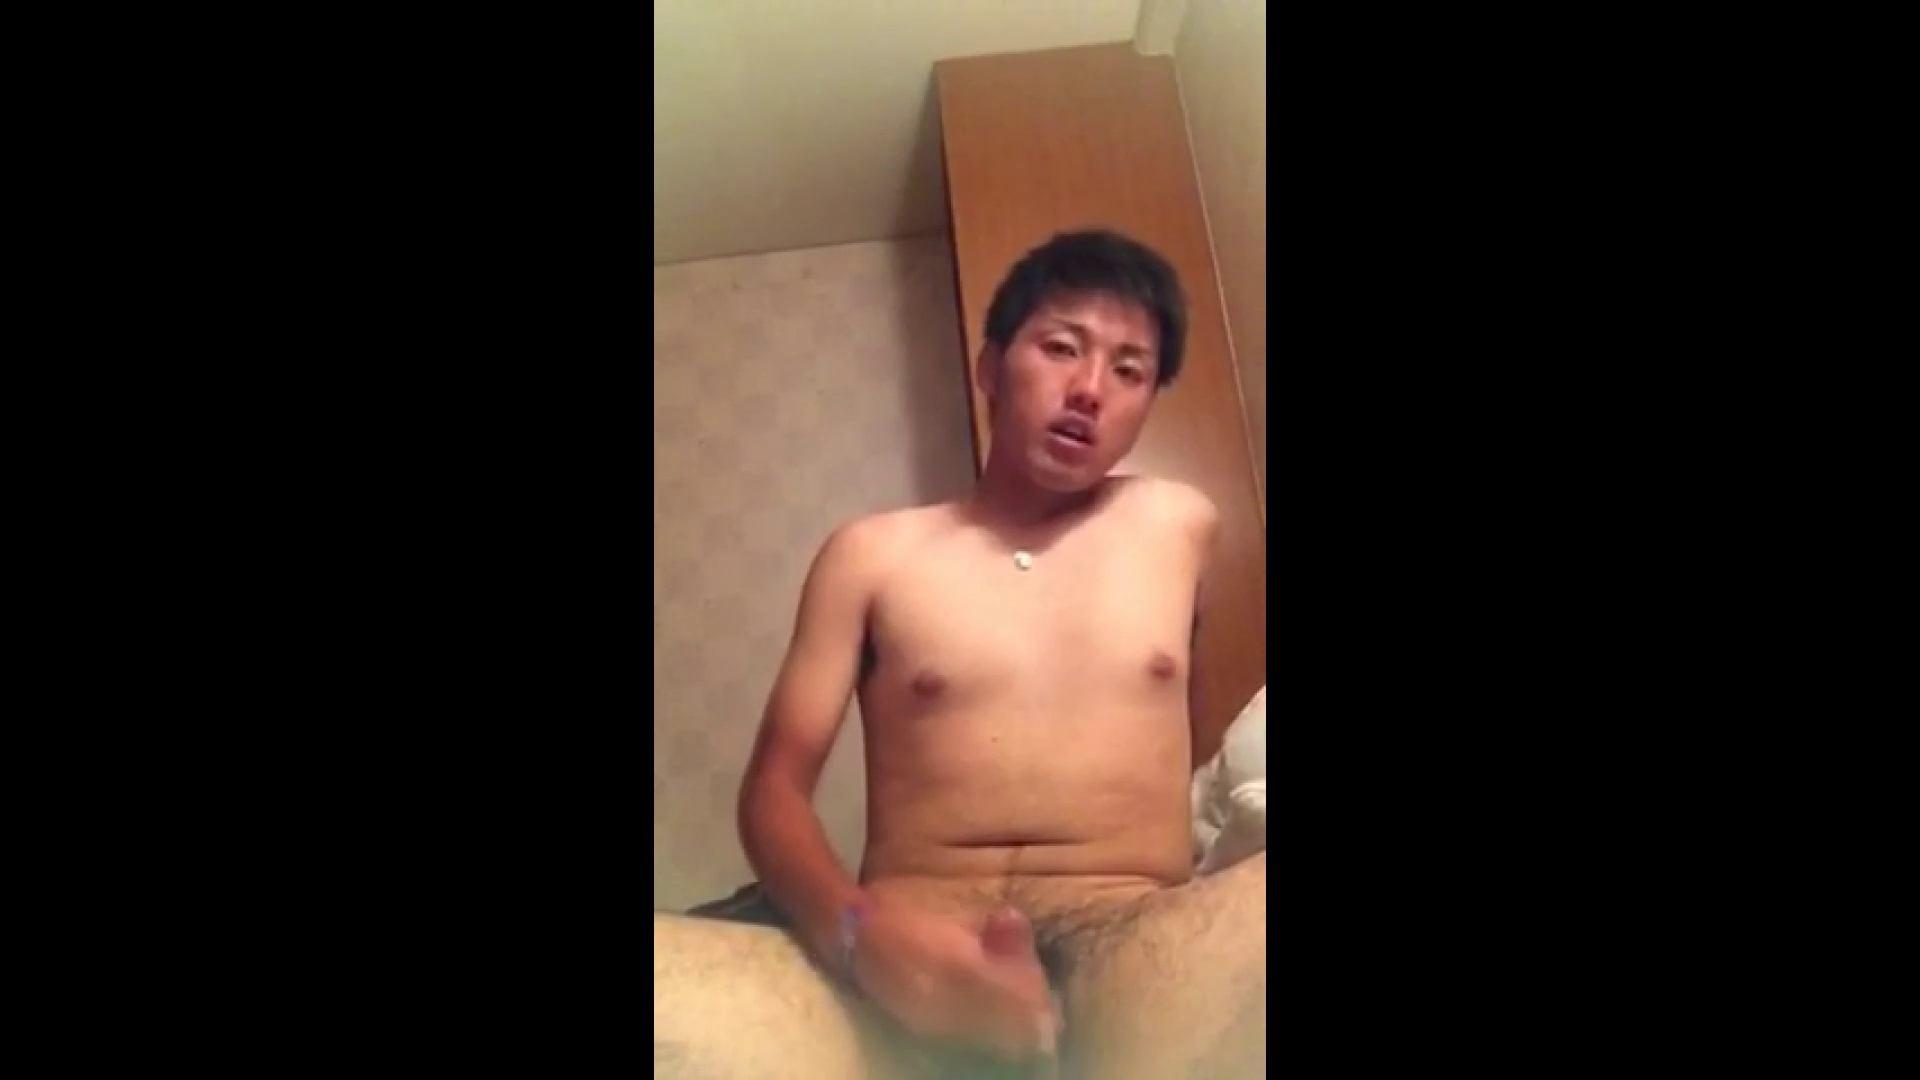 キター!ノンケちゃんオナニー特集vol.29 モザ無し | オナニー エロビデオ紹介 81枚 50